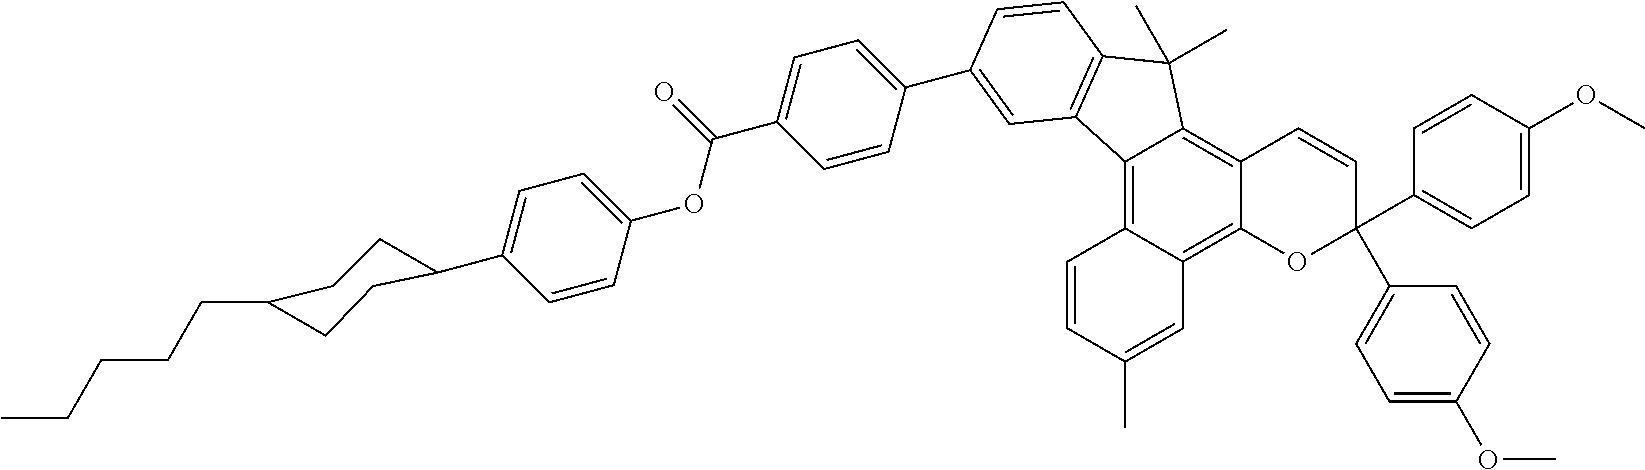 Figure US08545984-20131001-C00017